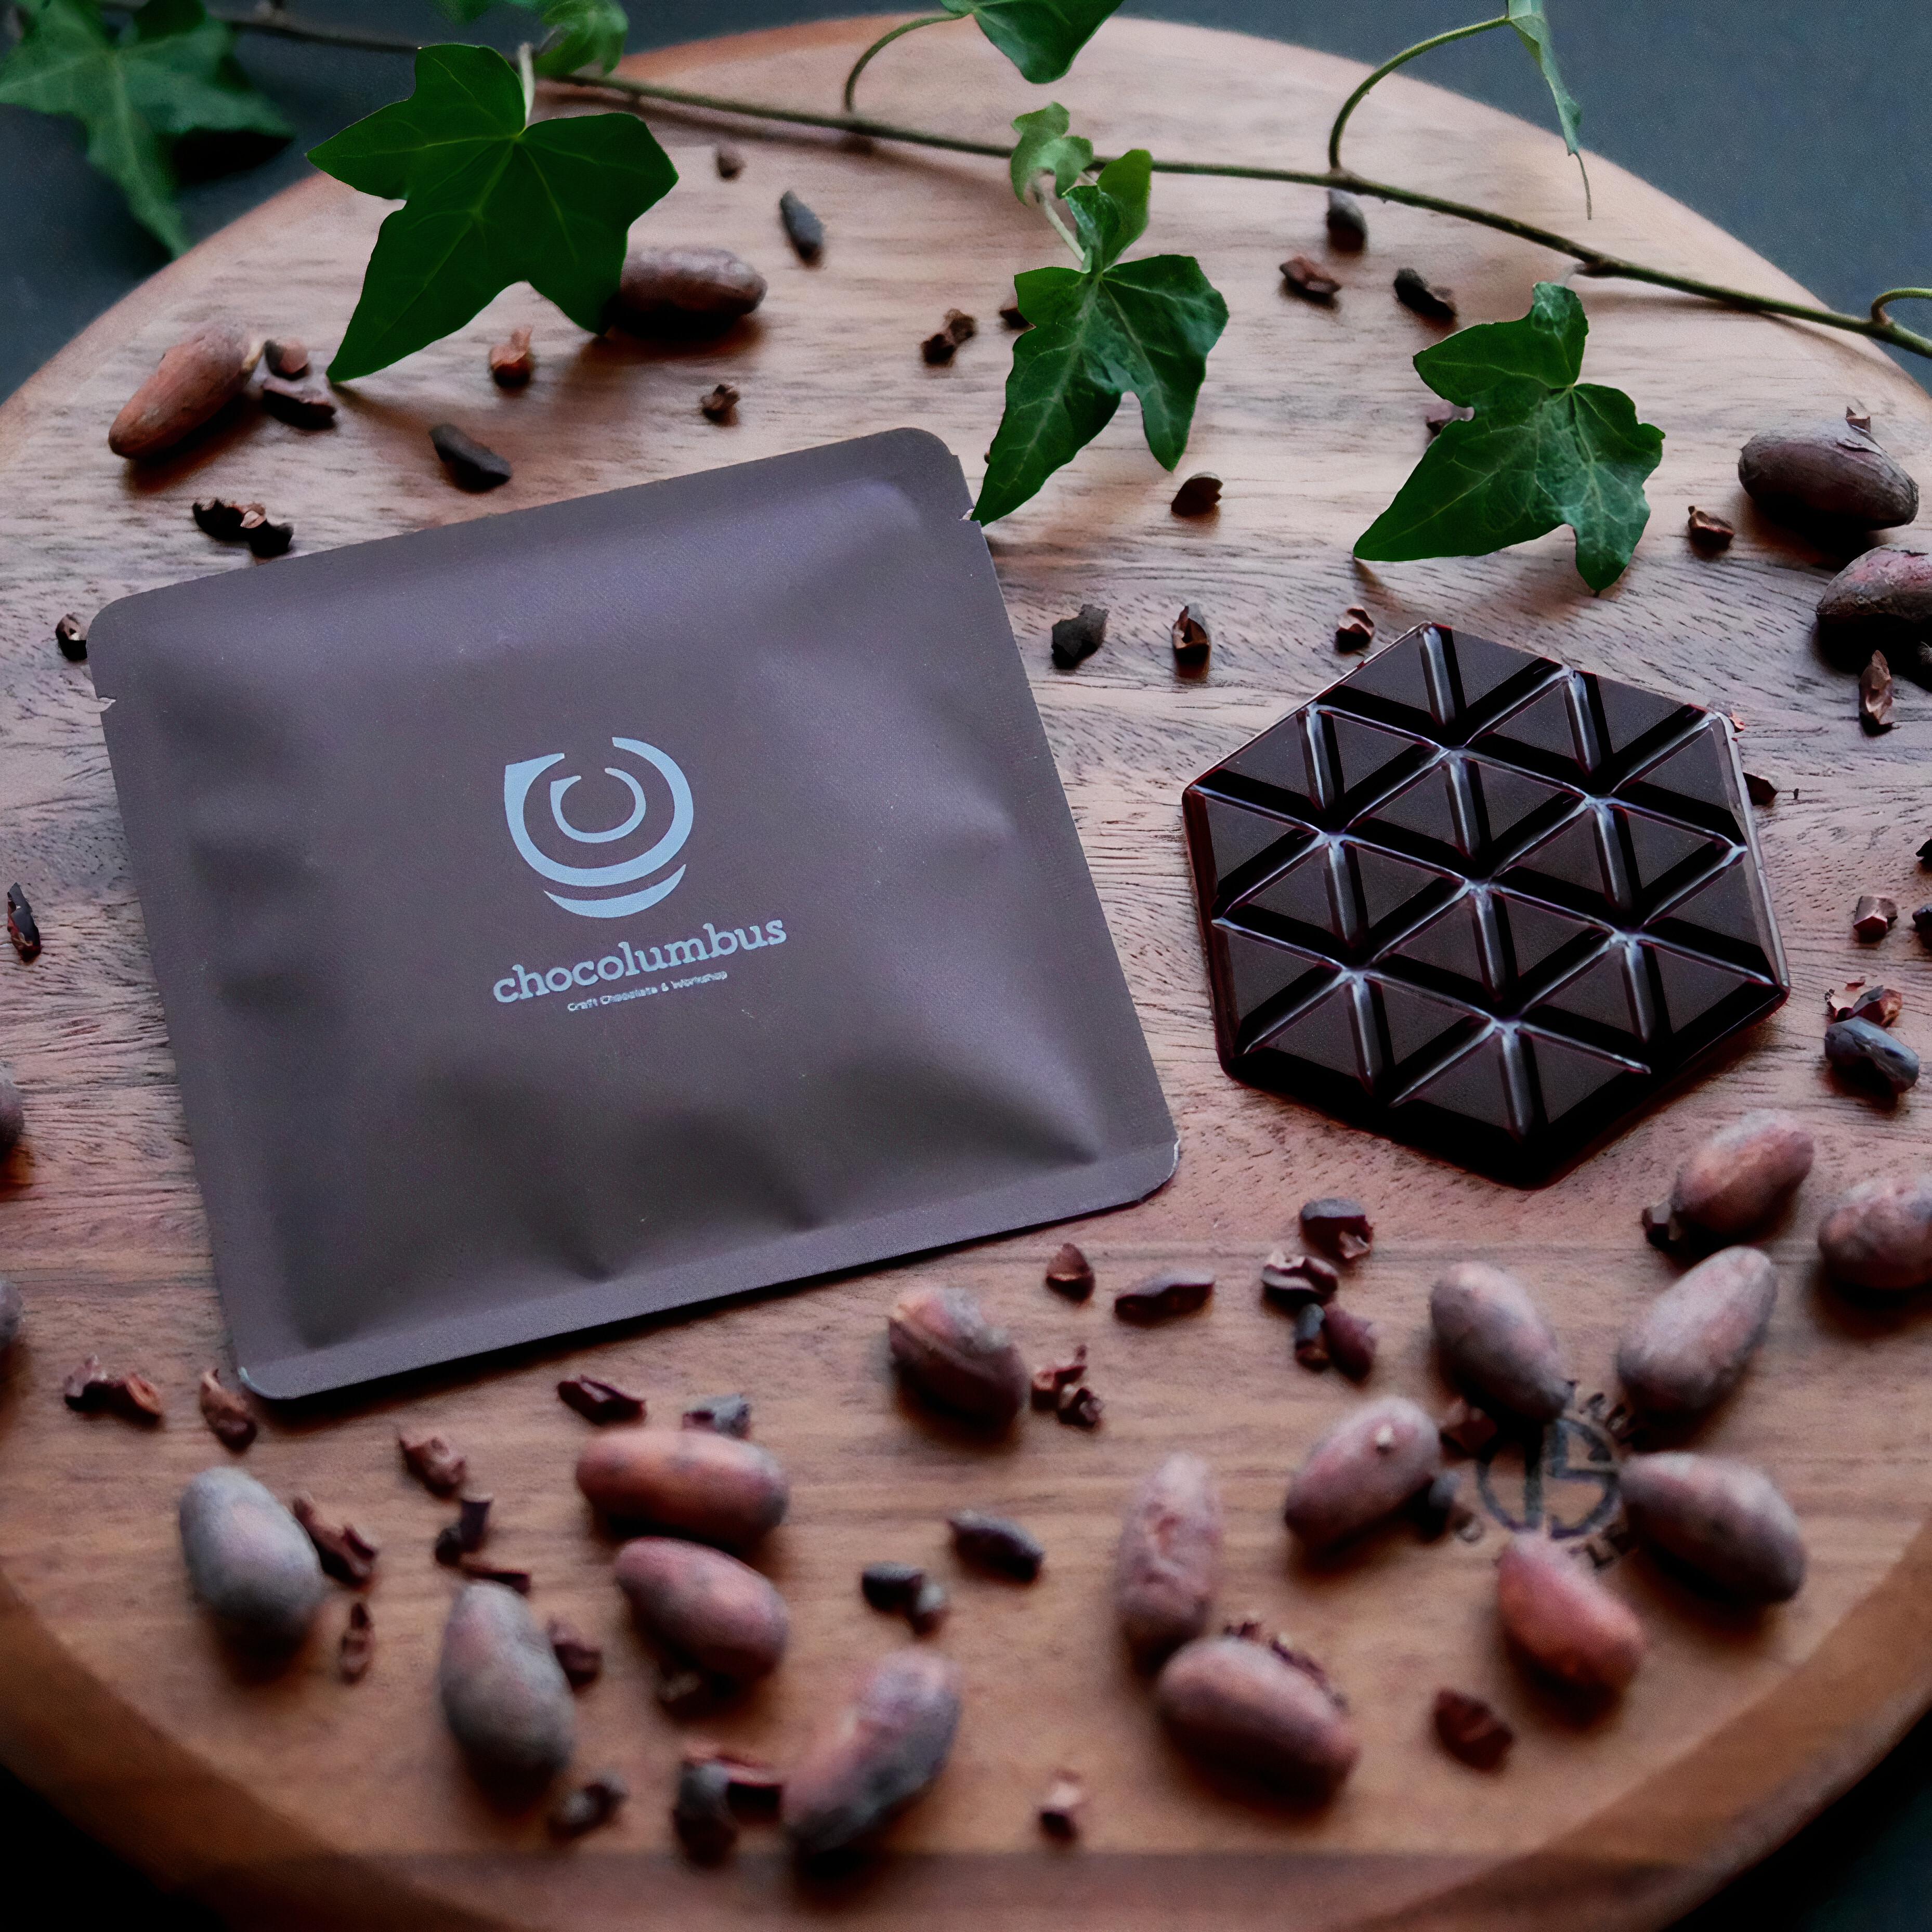 チョコロンブス/メキシコ ソコヌスコ cacao70% チョコレート ミニサイズ